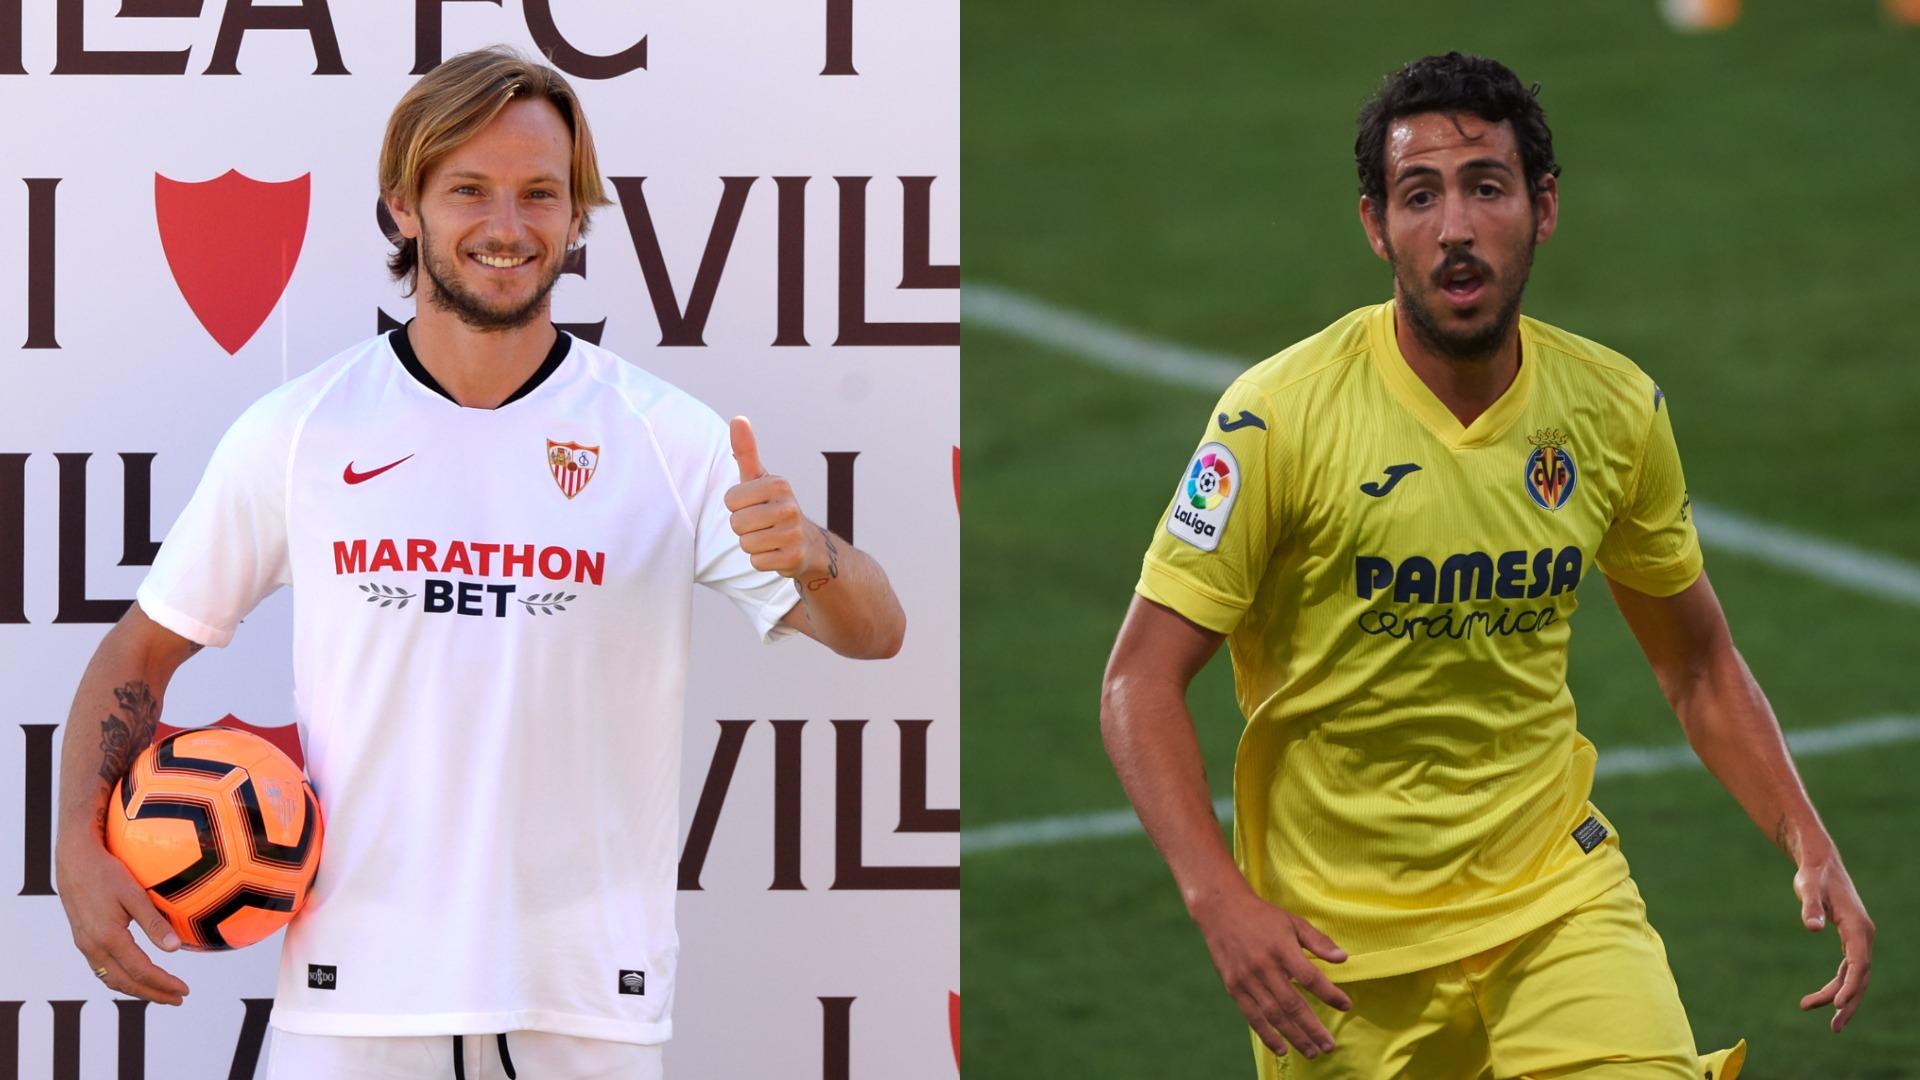 LaLiga 2020-21: Sevilla and Villarreal out to upset LaLiga's established order